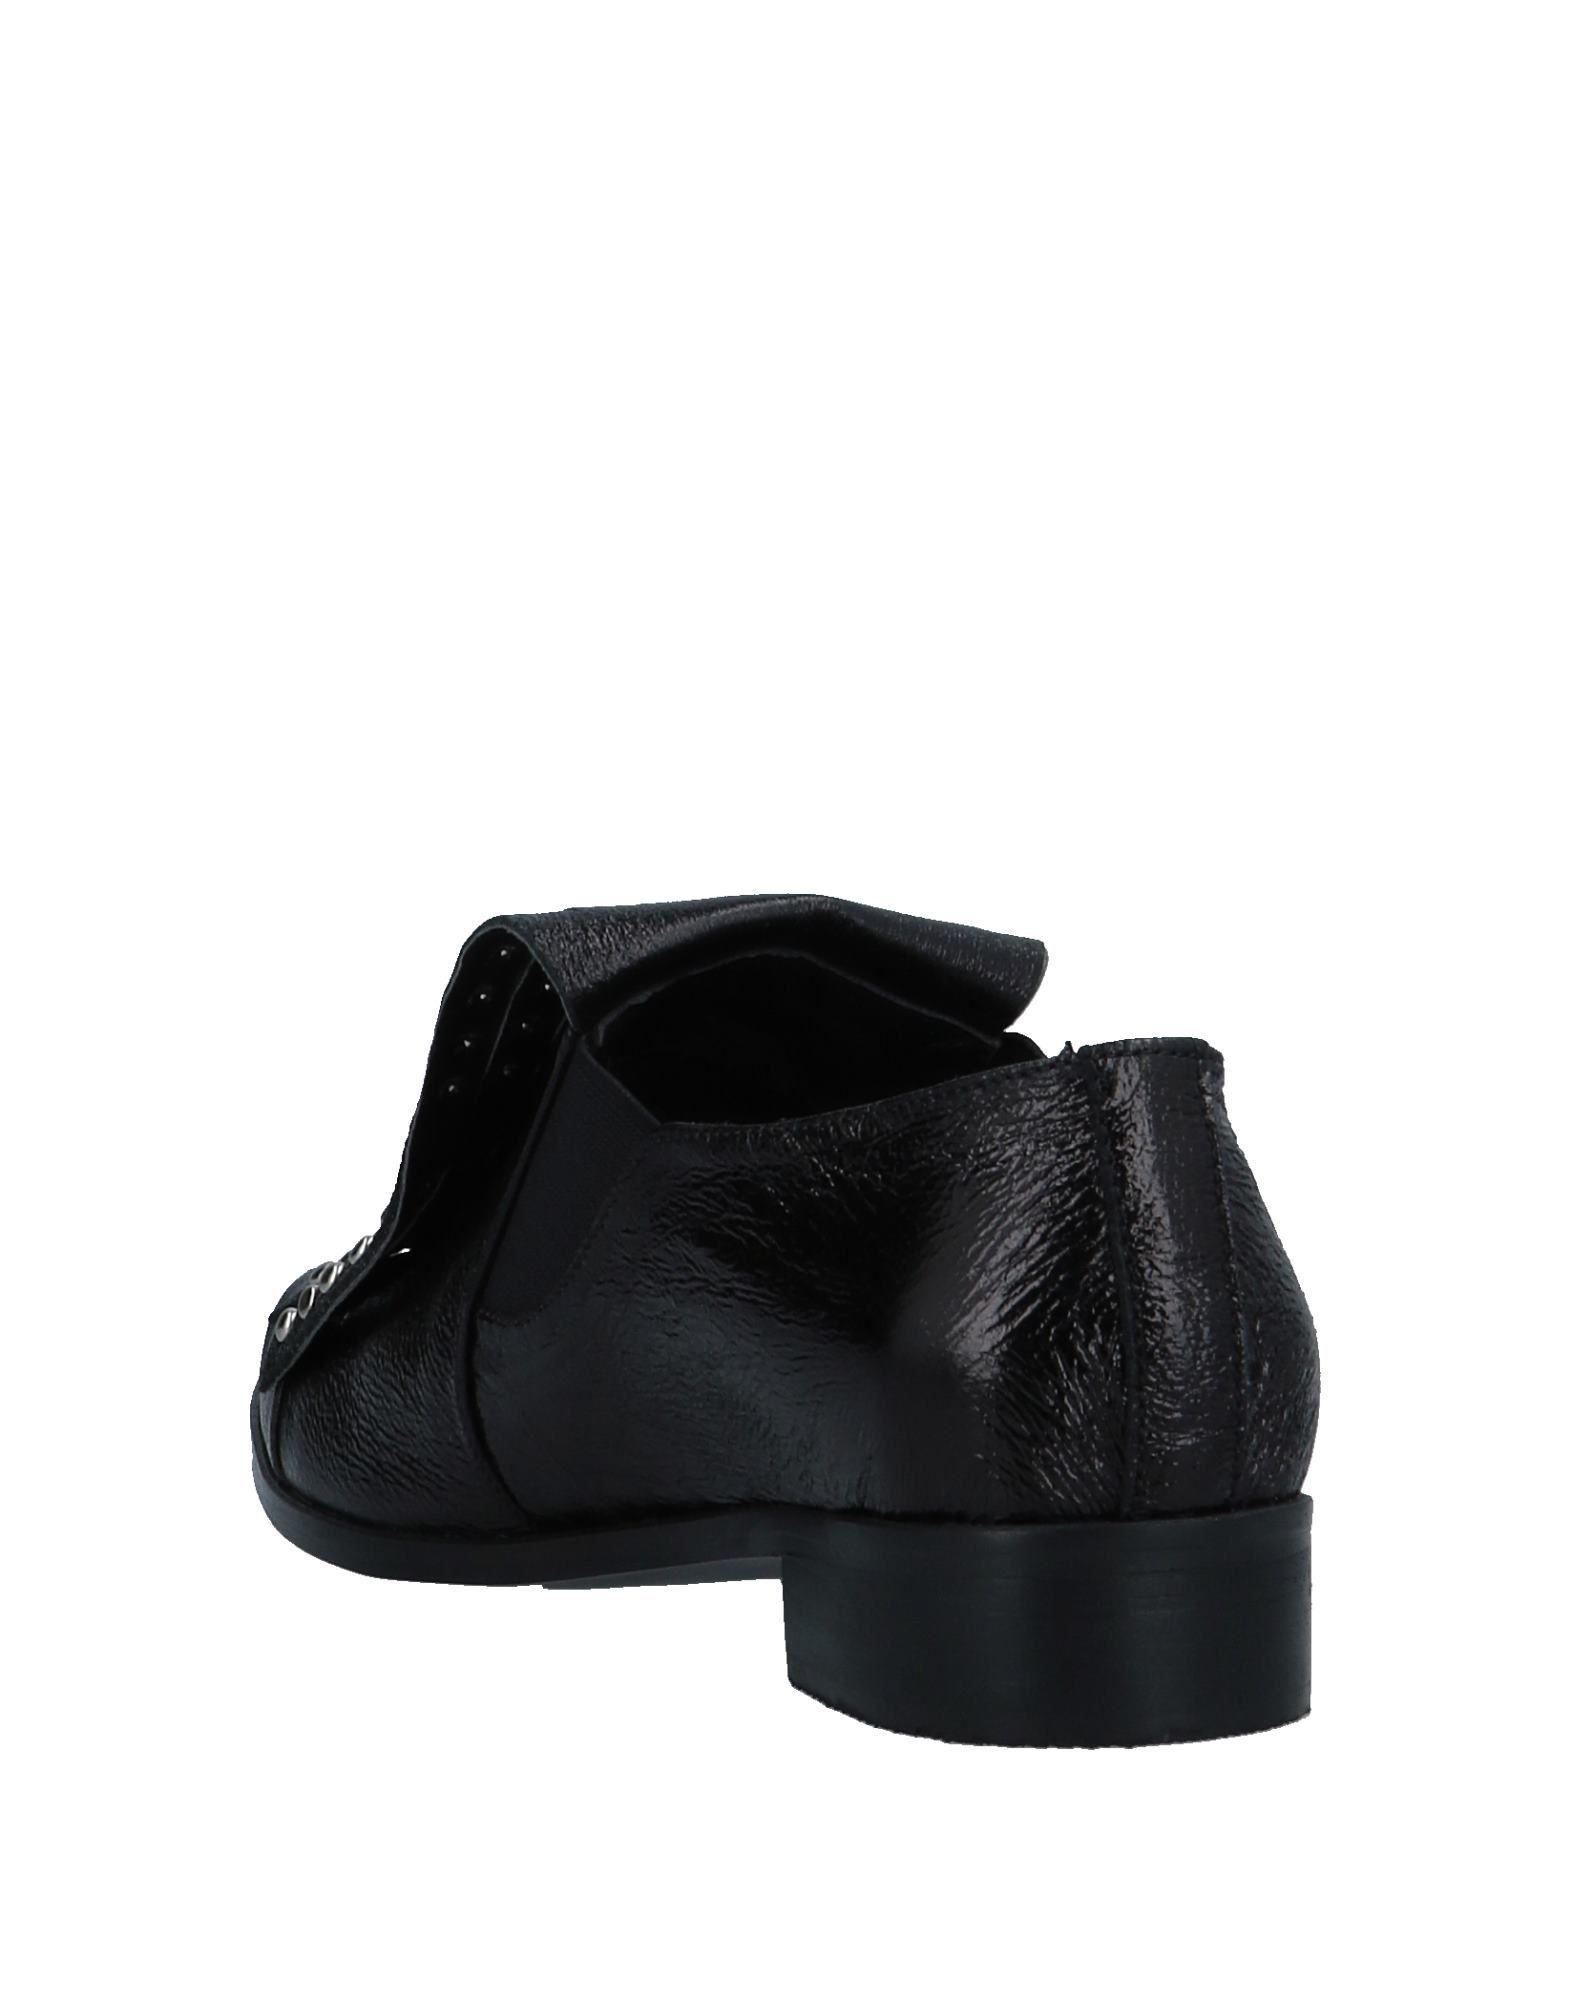 Pixy Gute Mokassins Damen  11574160QW Gute Pixy Qualität beliebte Schuhe 745eed